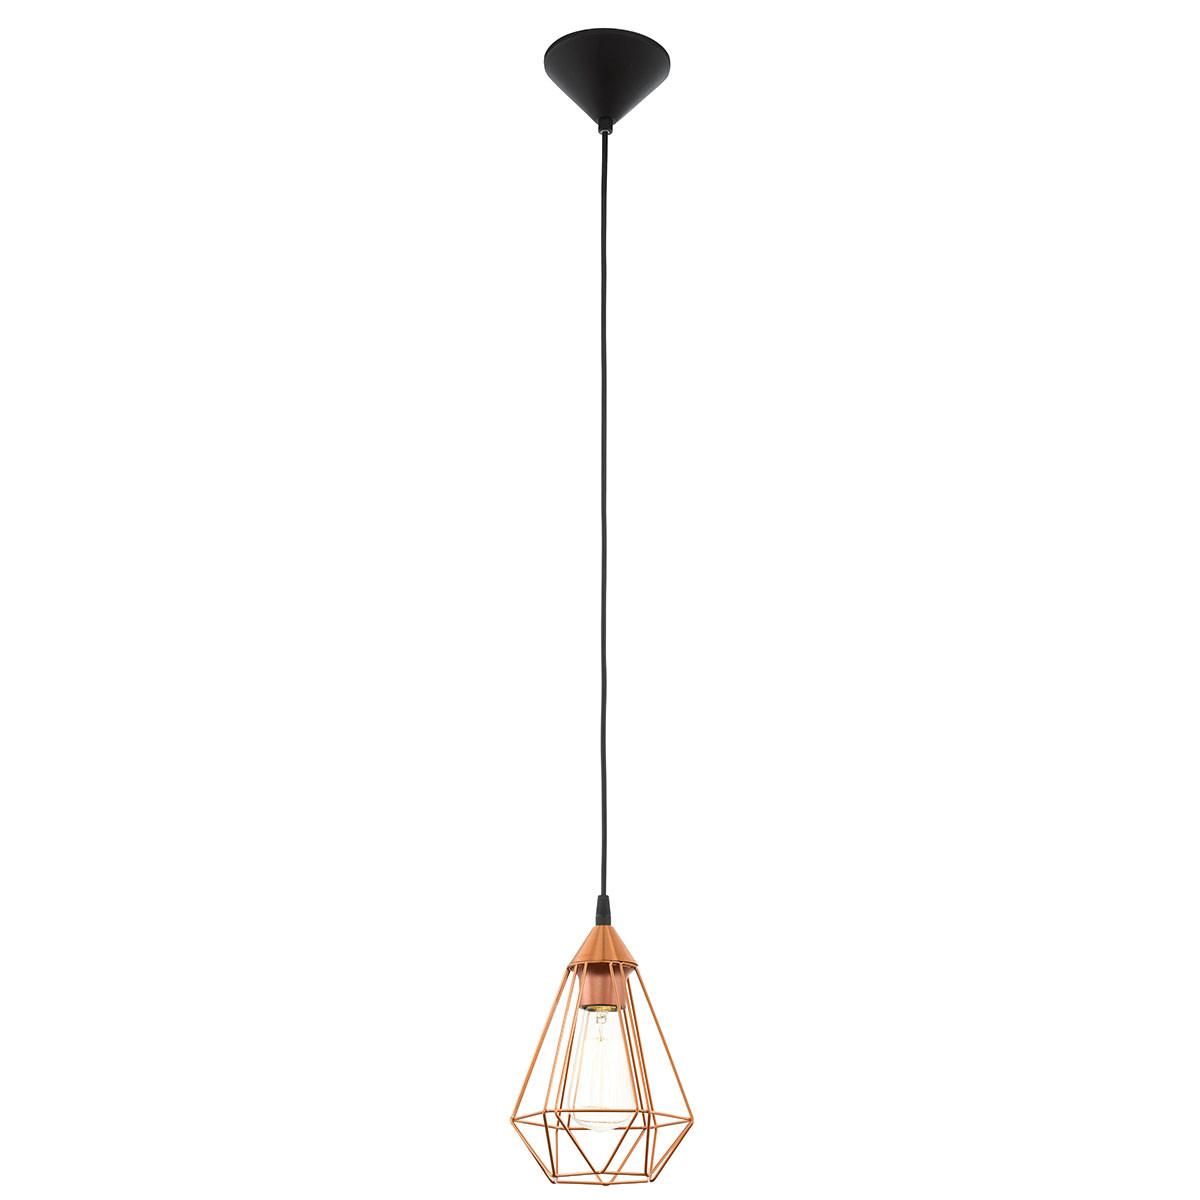 Φωτιστικό Οροφής Μονόφωτο Eglo Tarbes 94193